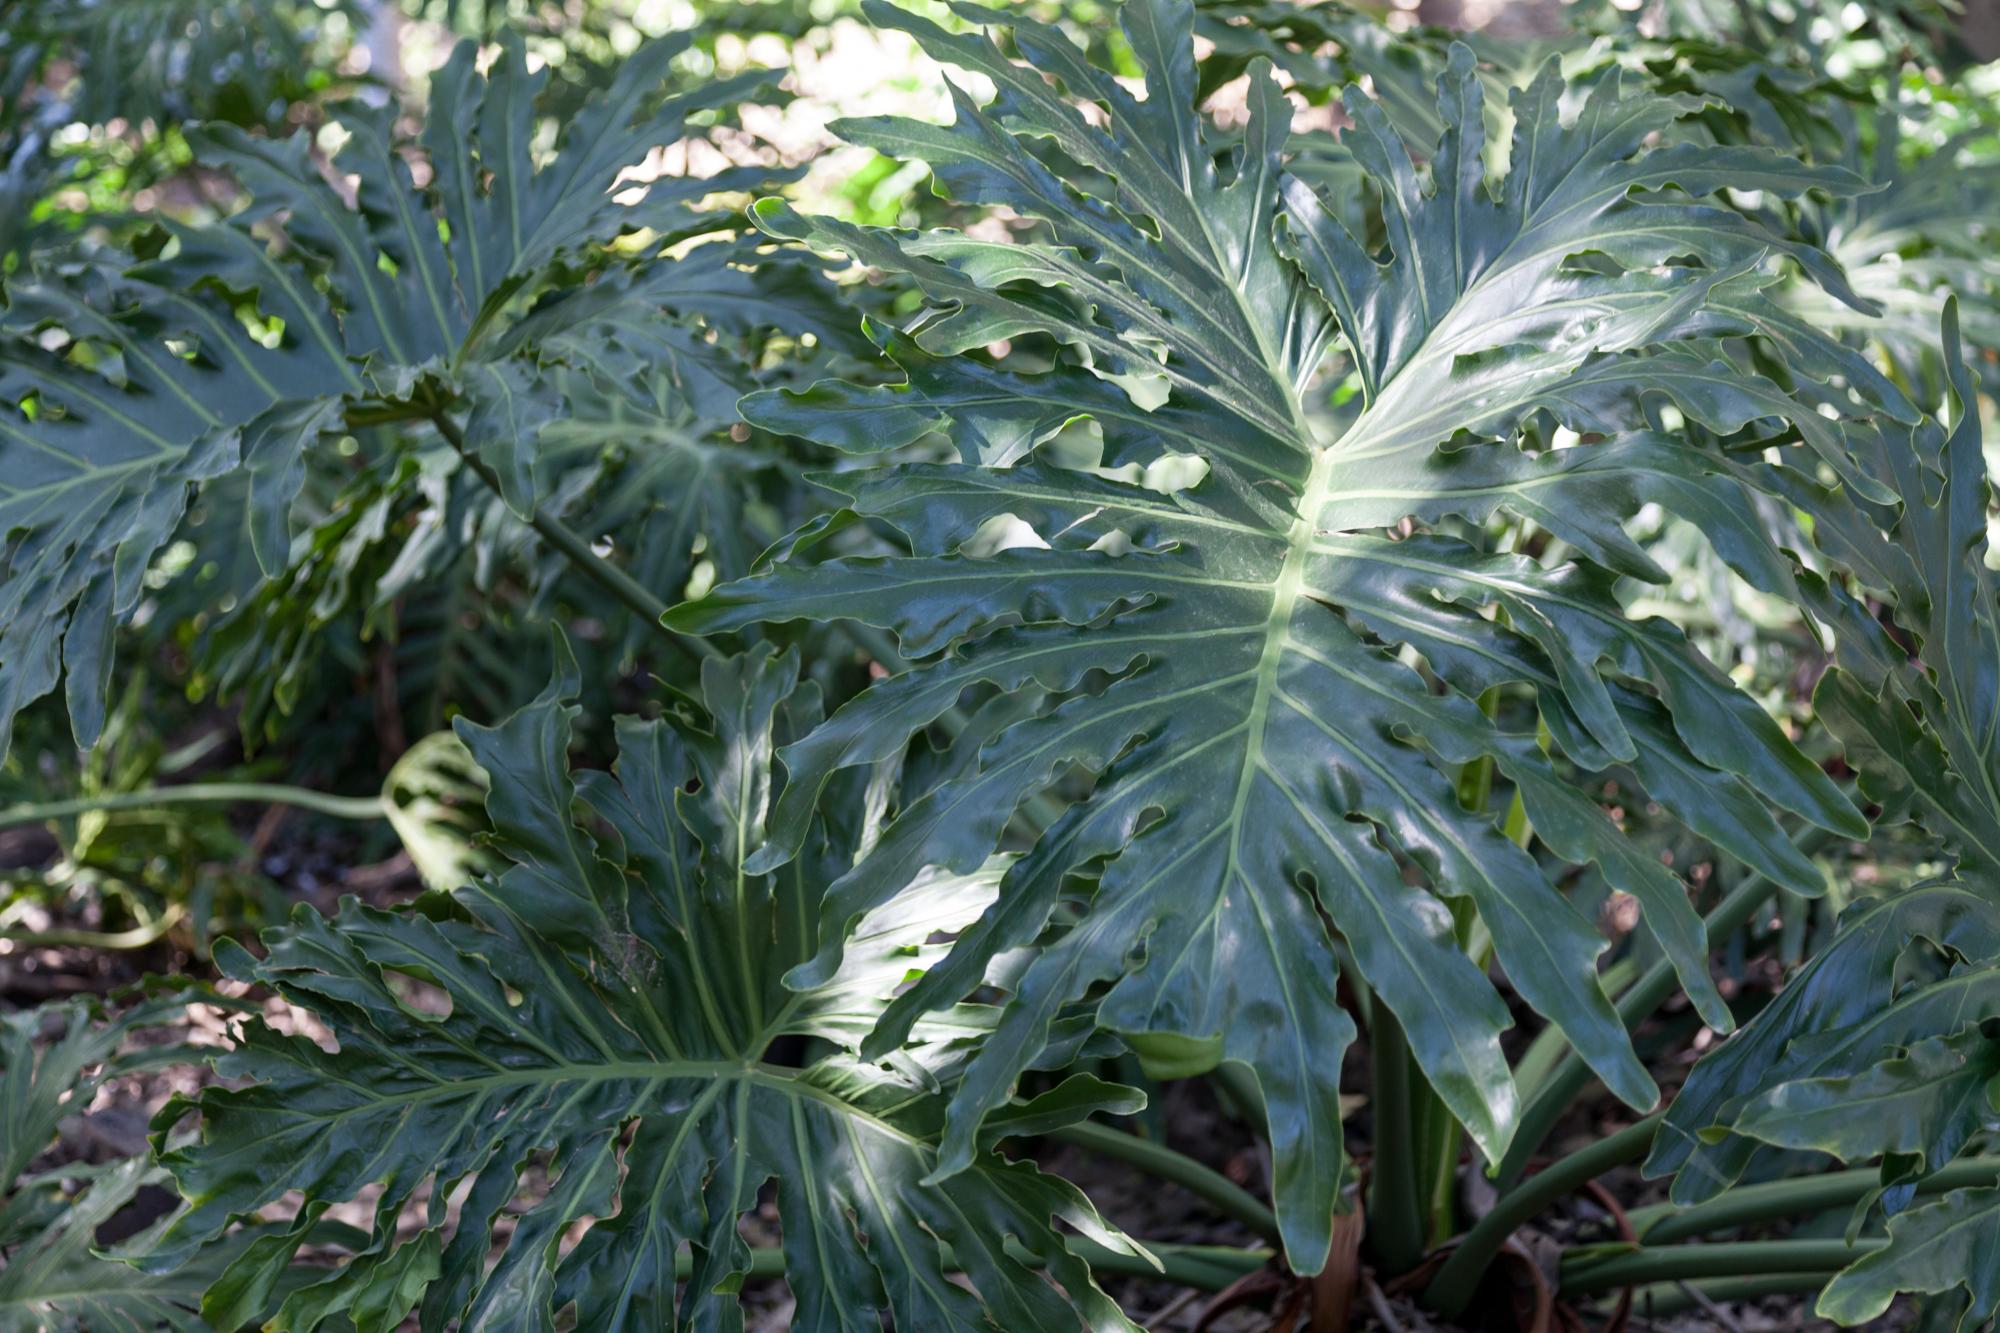 philodendron-fullerton-arboretum.jpg